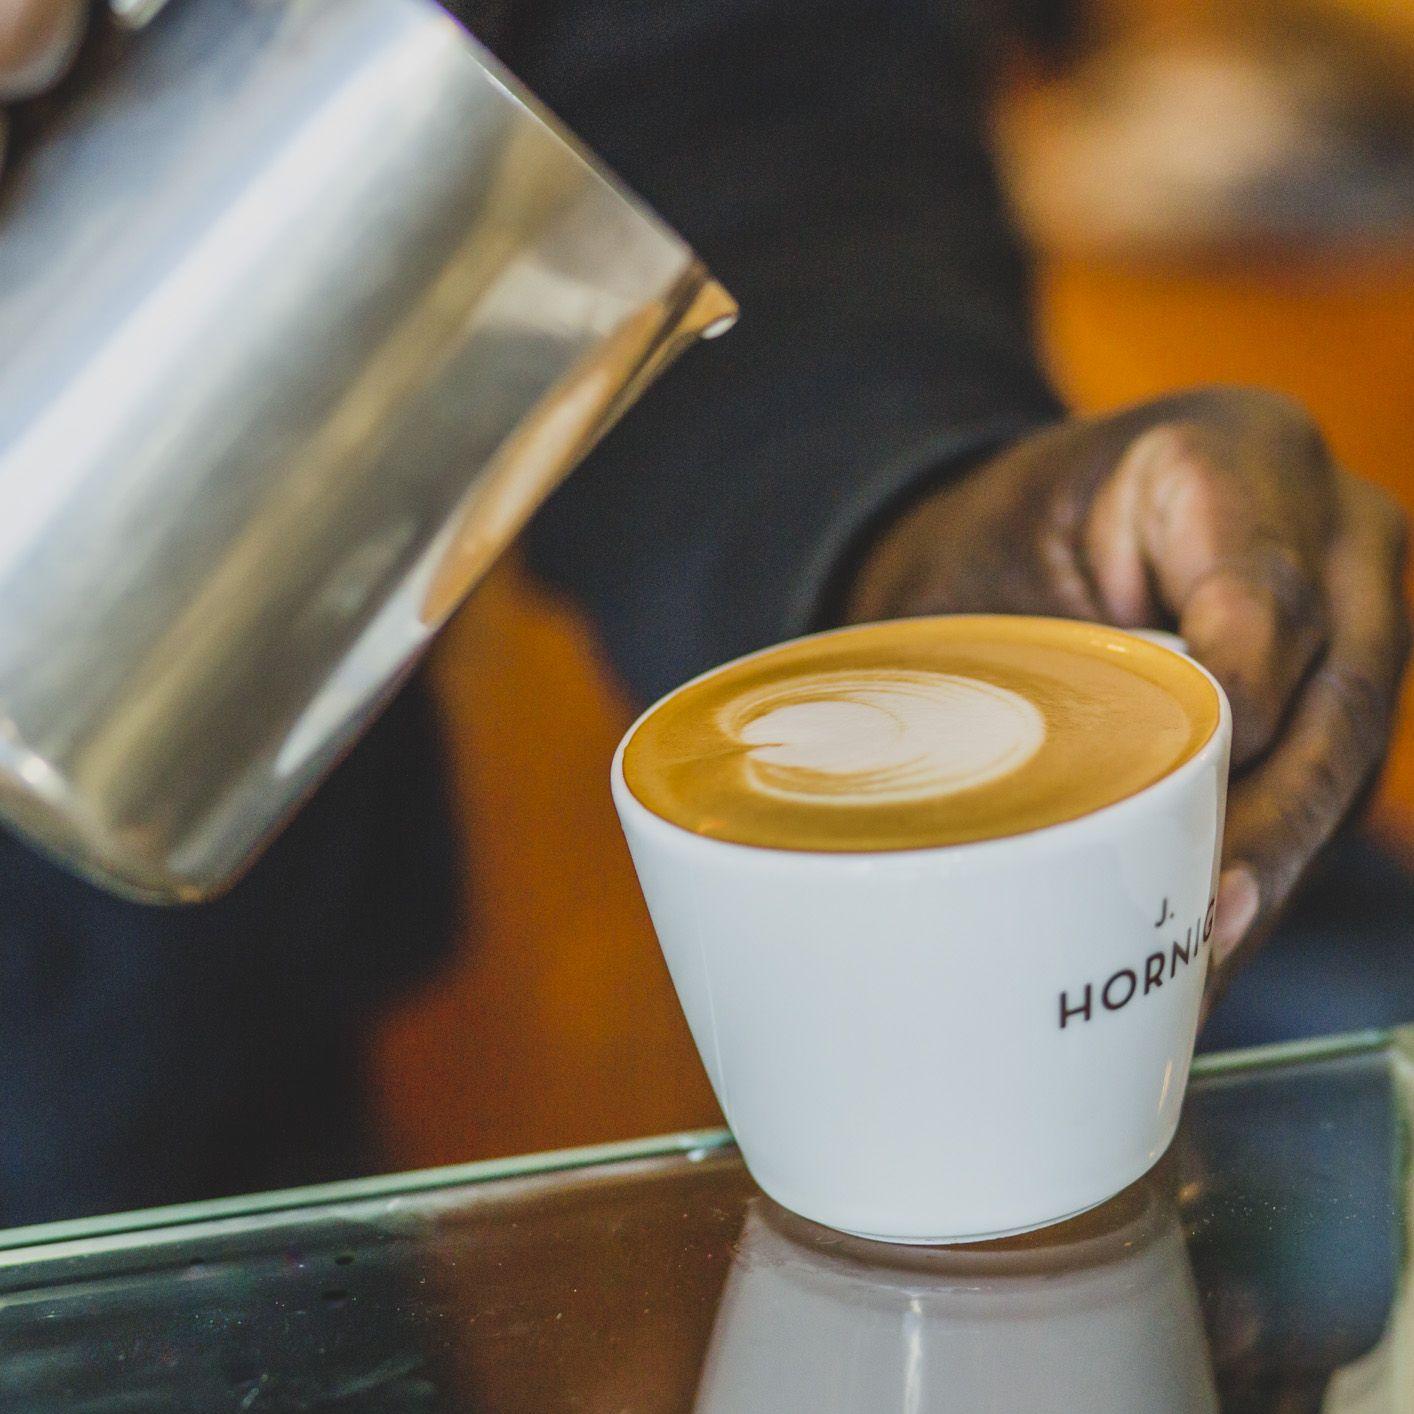 Kaffee Blog Bei Uns Dreht Sich Alles Um Die Bohne J Hornig Kaffee Kaffee Bar Zeit Fur Kaffee